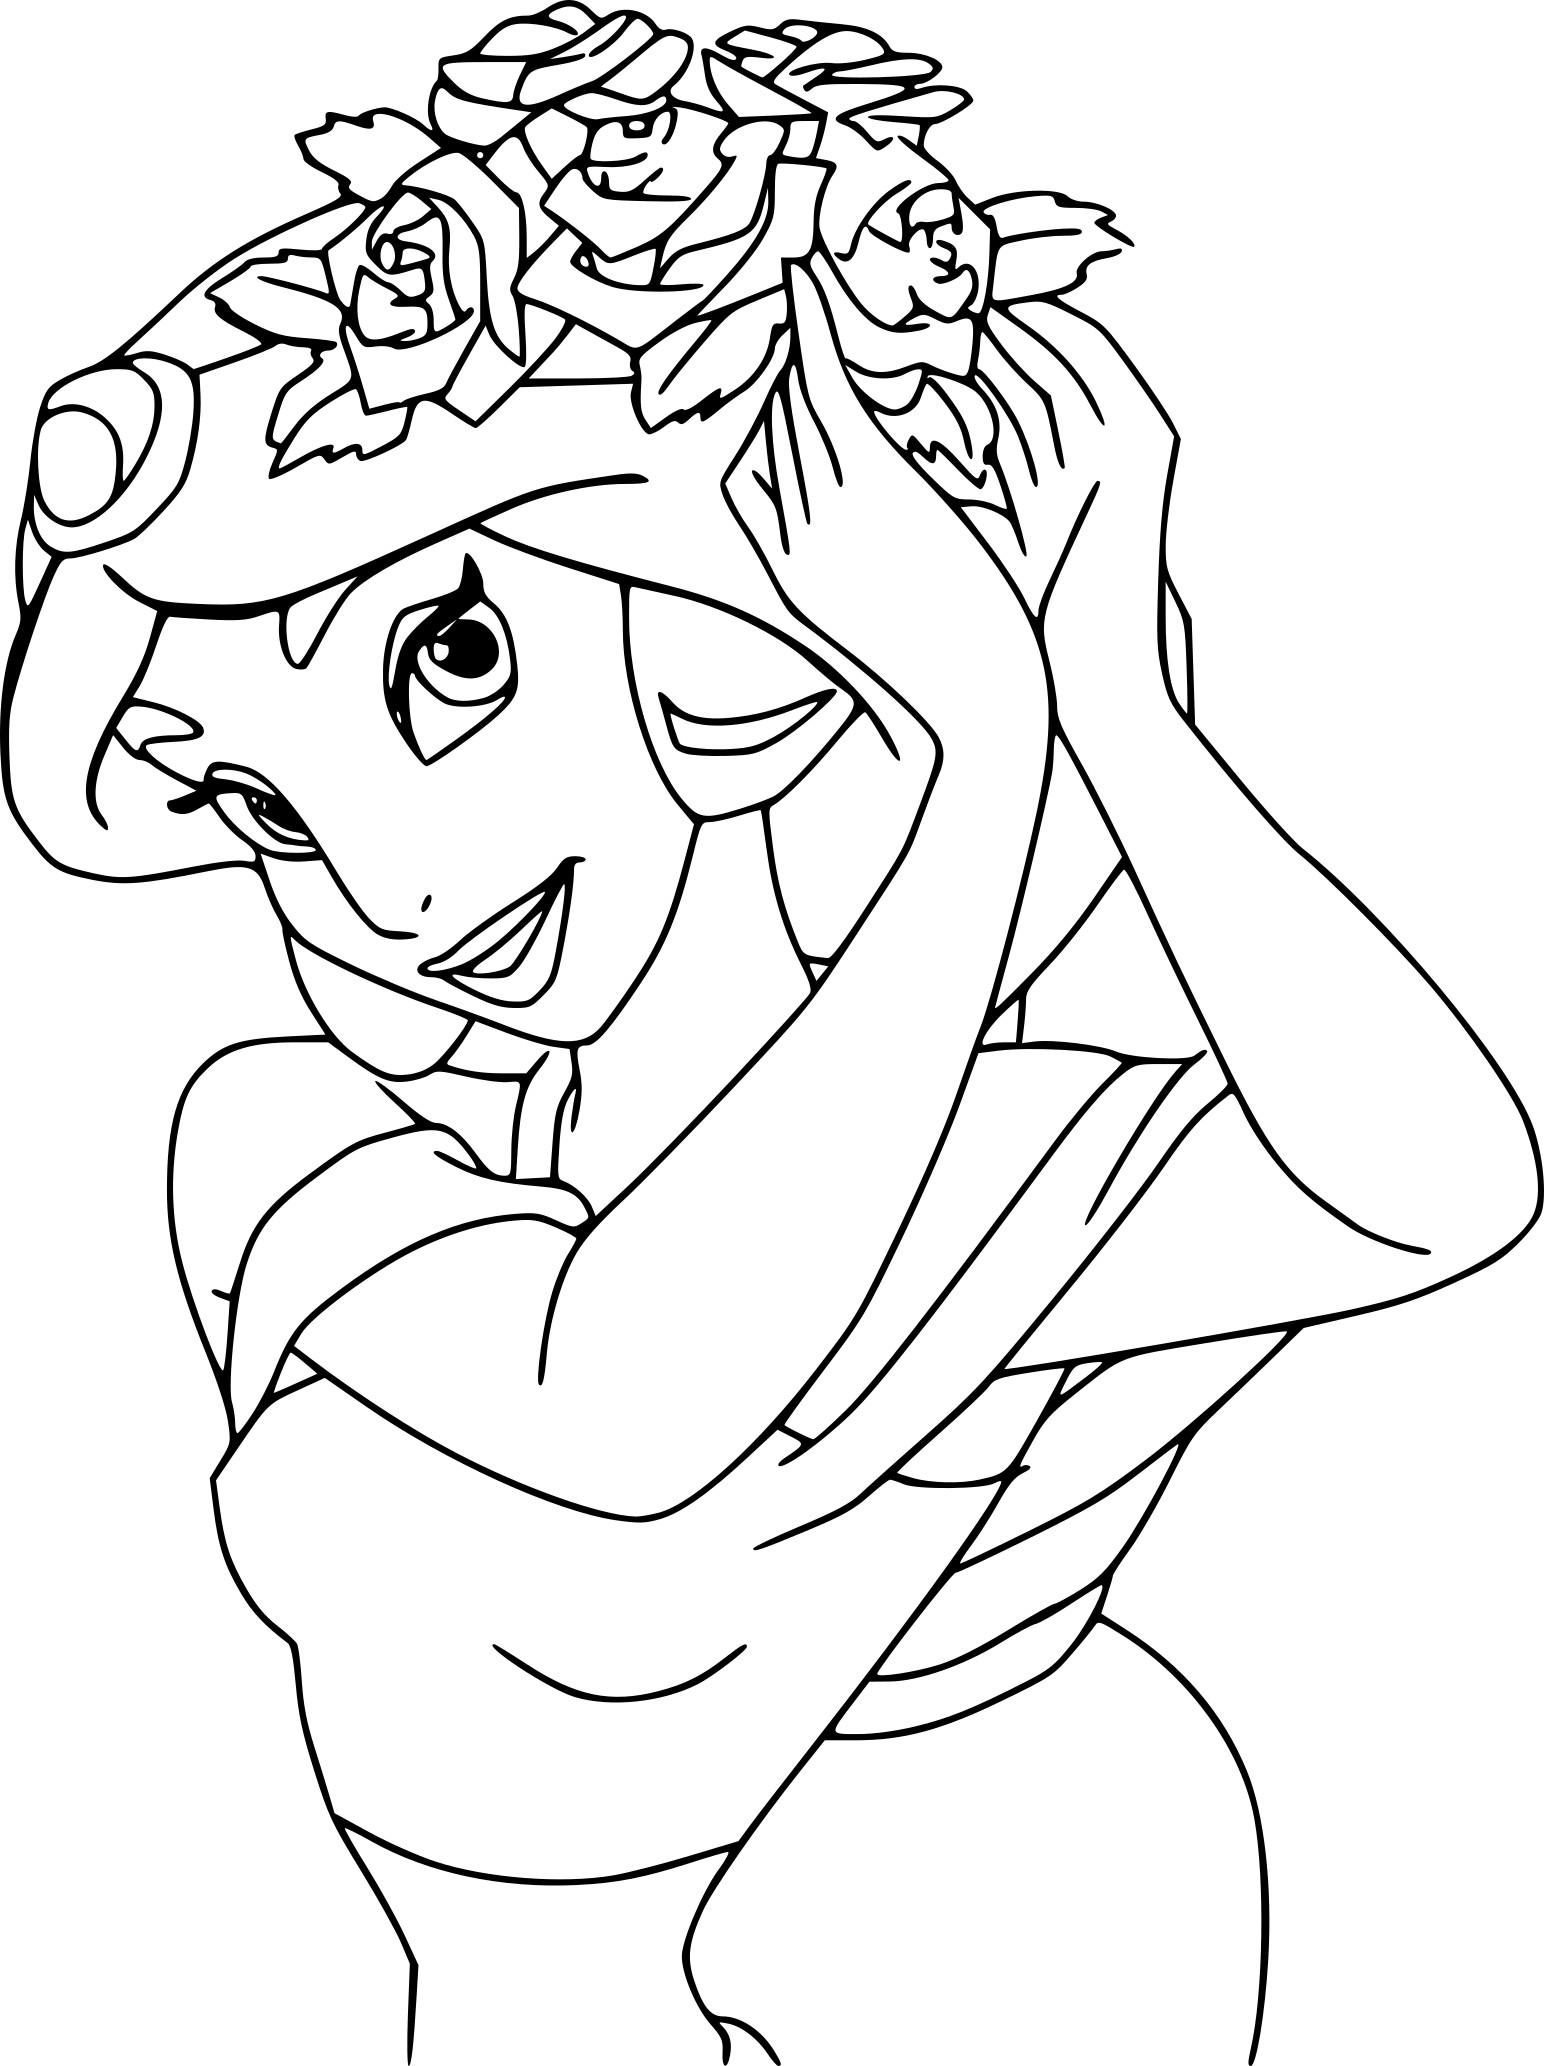 Coloriage jasmine fleurs dans les cheveux imprimer gratuit - Coloriage de jasmine ...